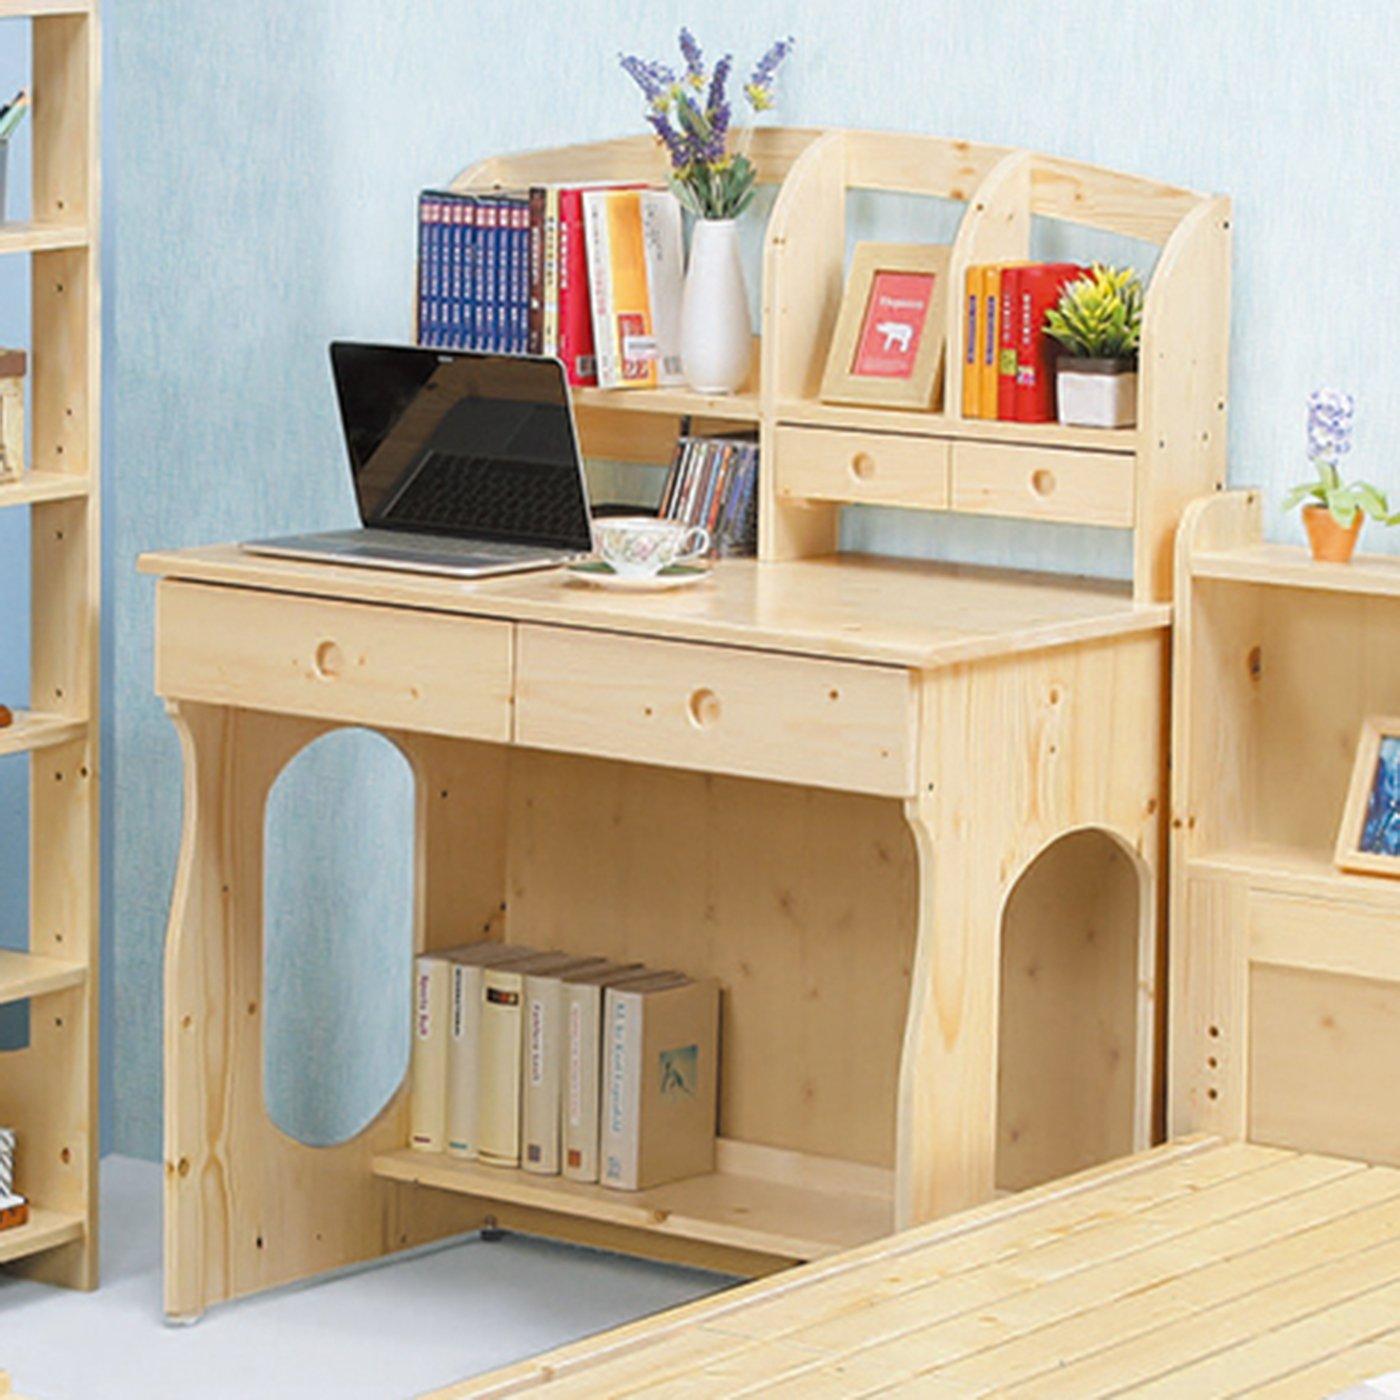 【優比傢俱生活館】21 樂樂購-松木實木3.1尺二抽書桌/電腦桌-全組 JL70-6